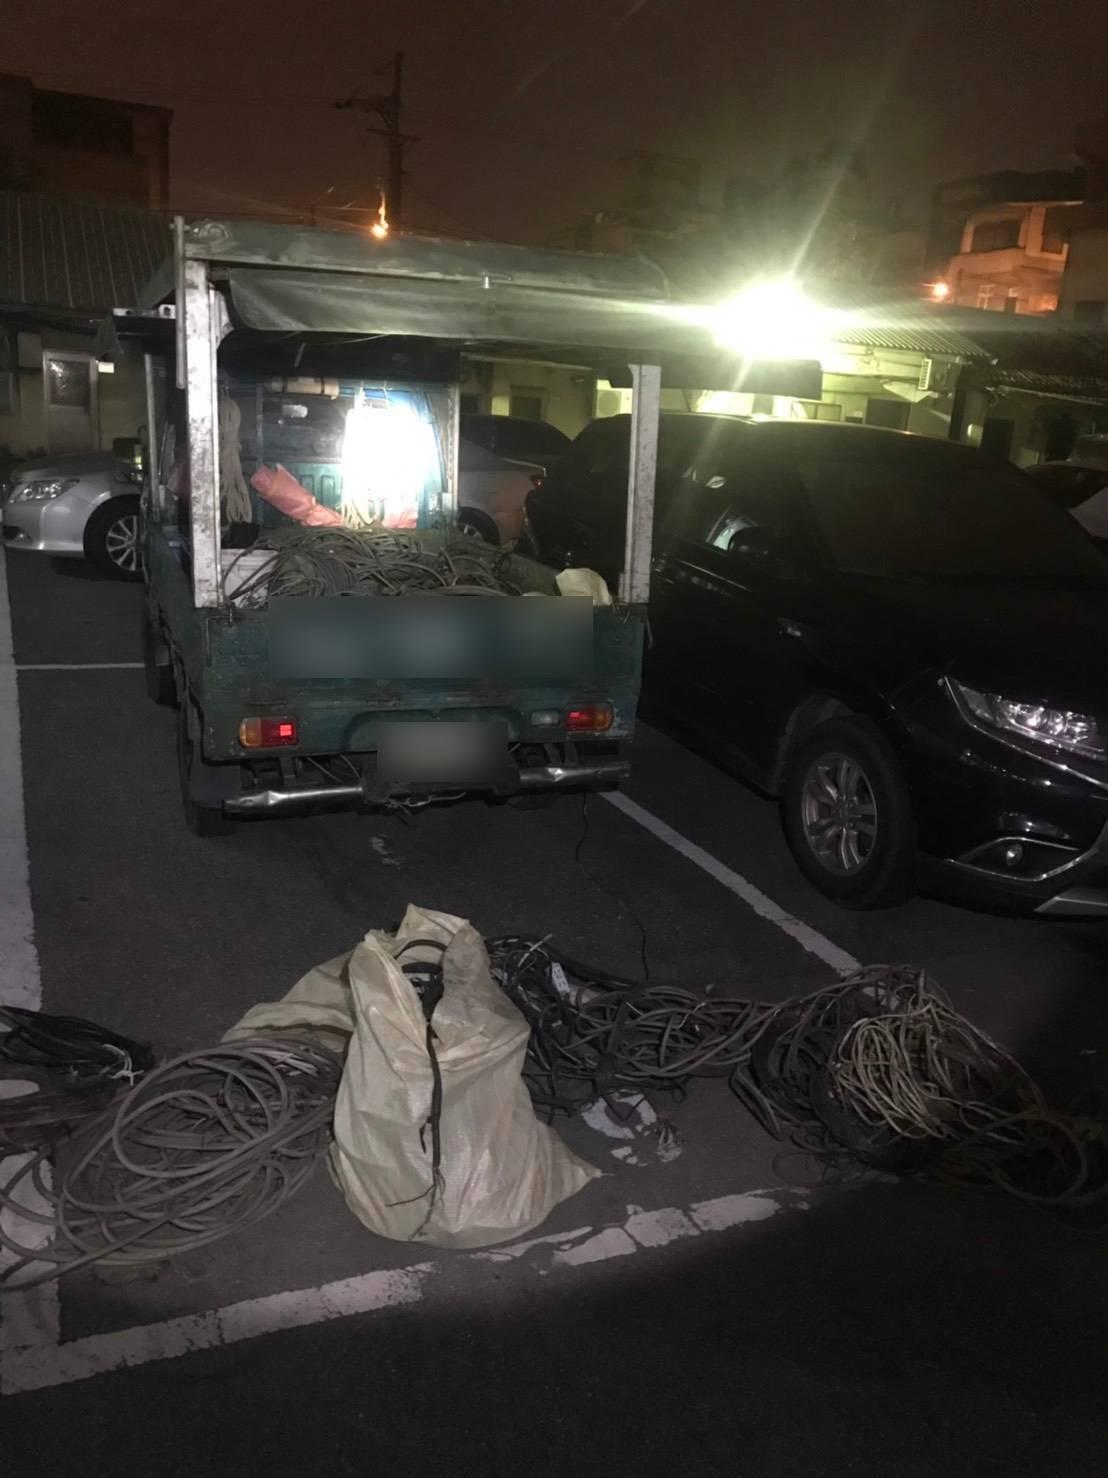 警方以警用小電腦查詢車主資料,發現車主有竊取電纜線之前科,立即前往攔查,果然在小...